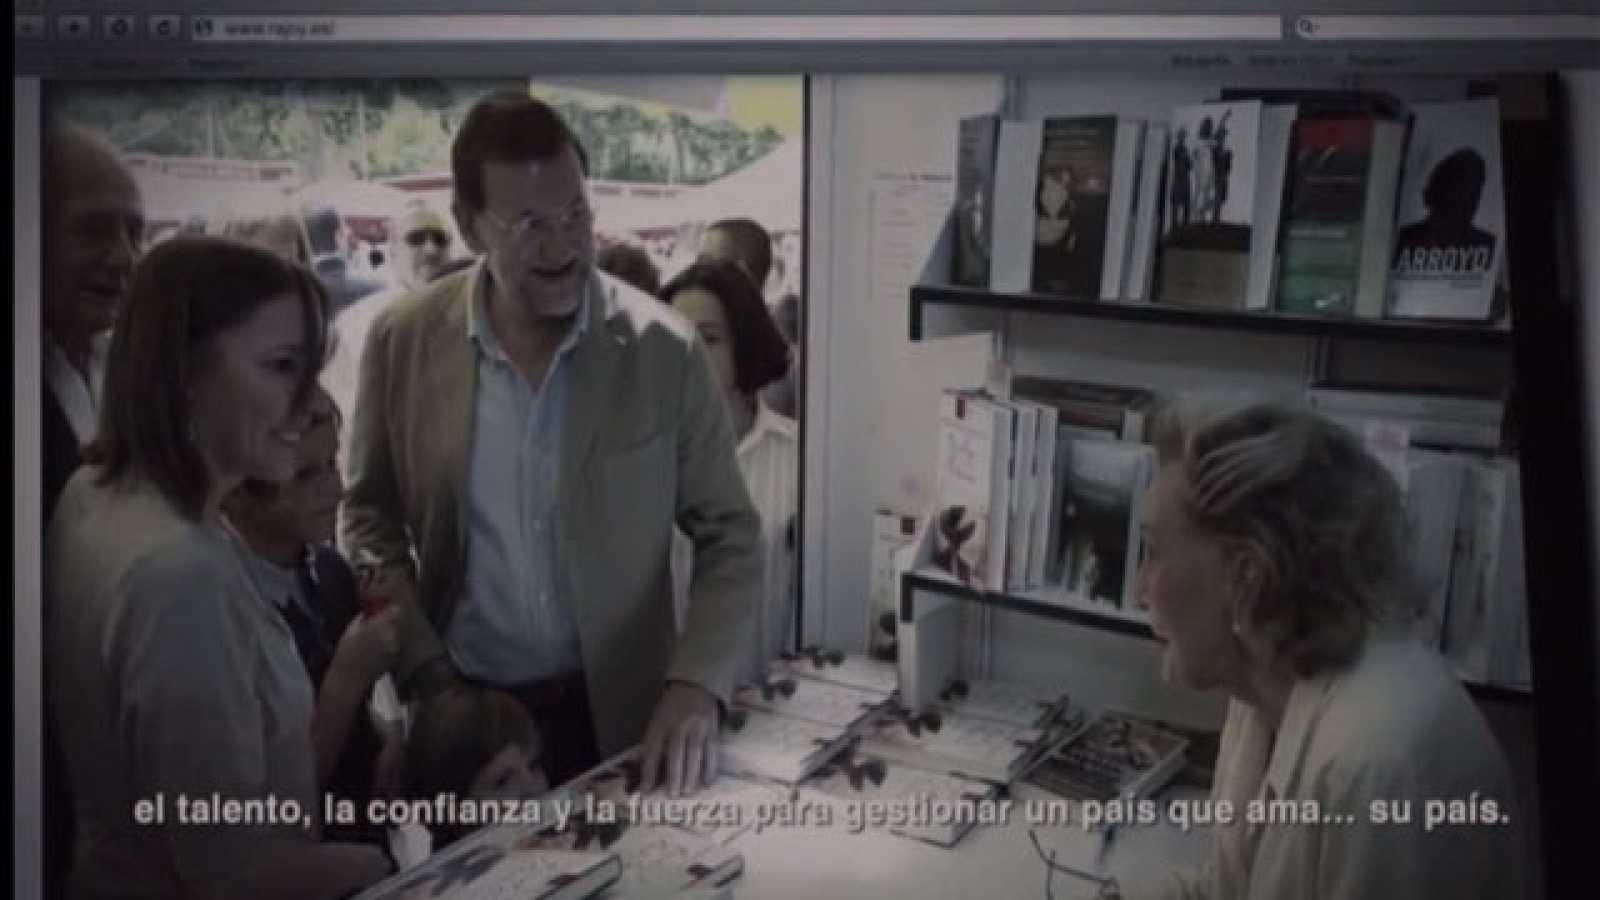 Mapa independentista de Galicia en el último video de presentación de Rajoy